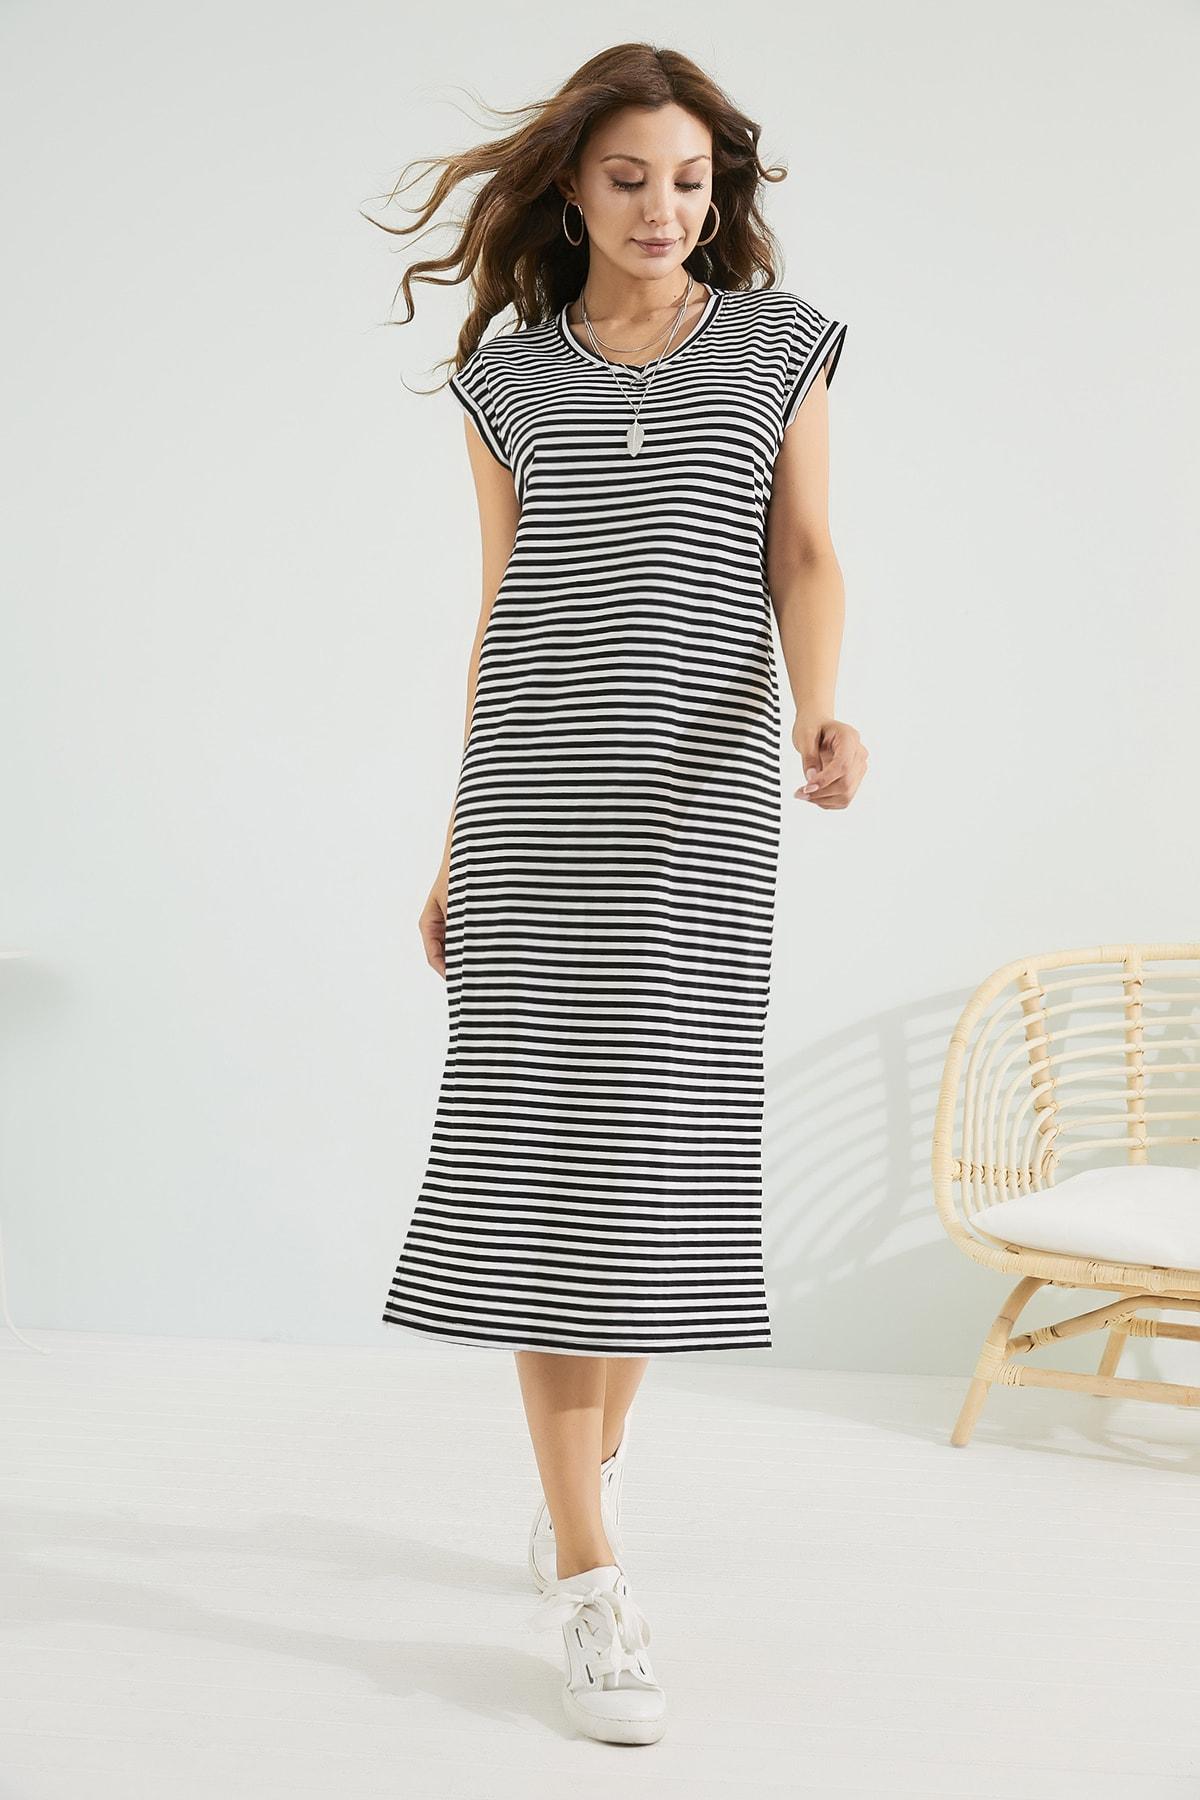 Sateen Kadın Siyah-Beyaz Rahat Kesim Yırtmaçlı Elbise Stn603Kel123